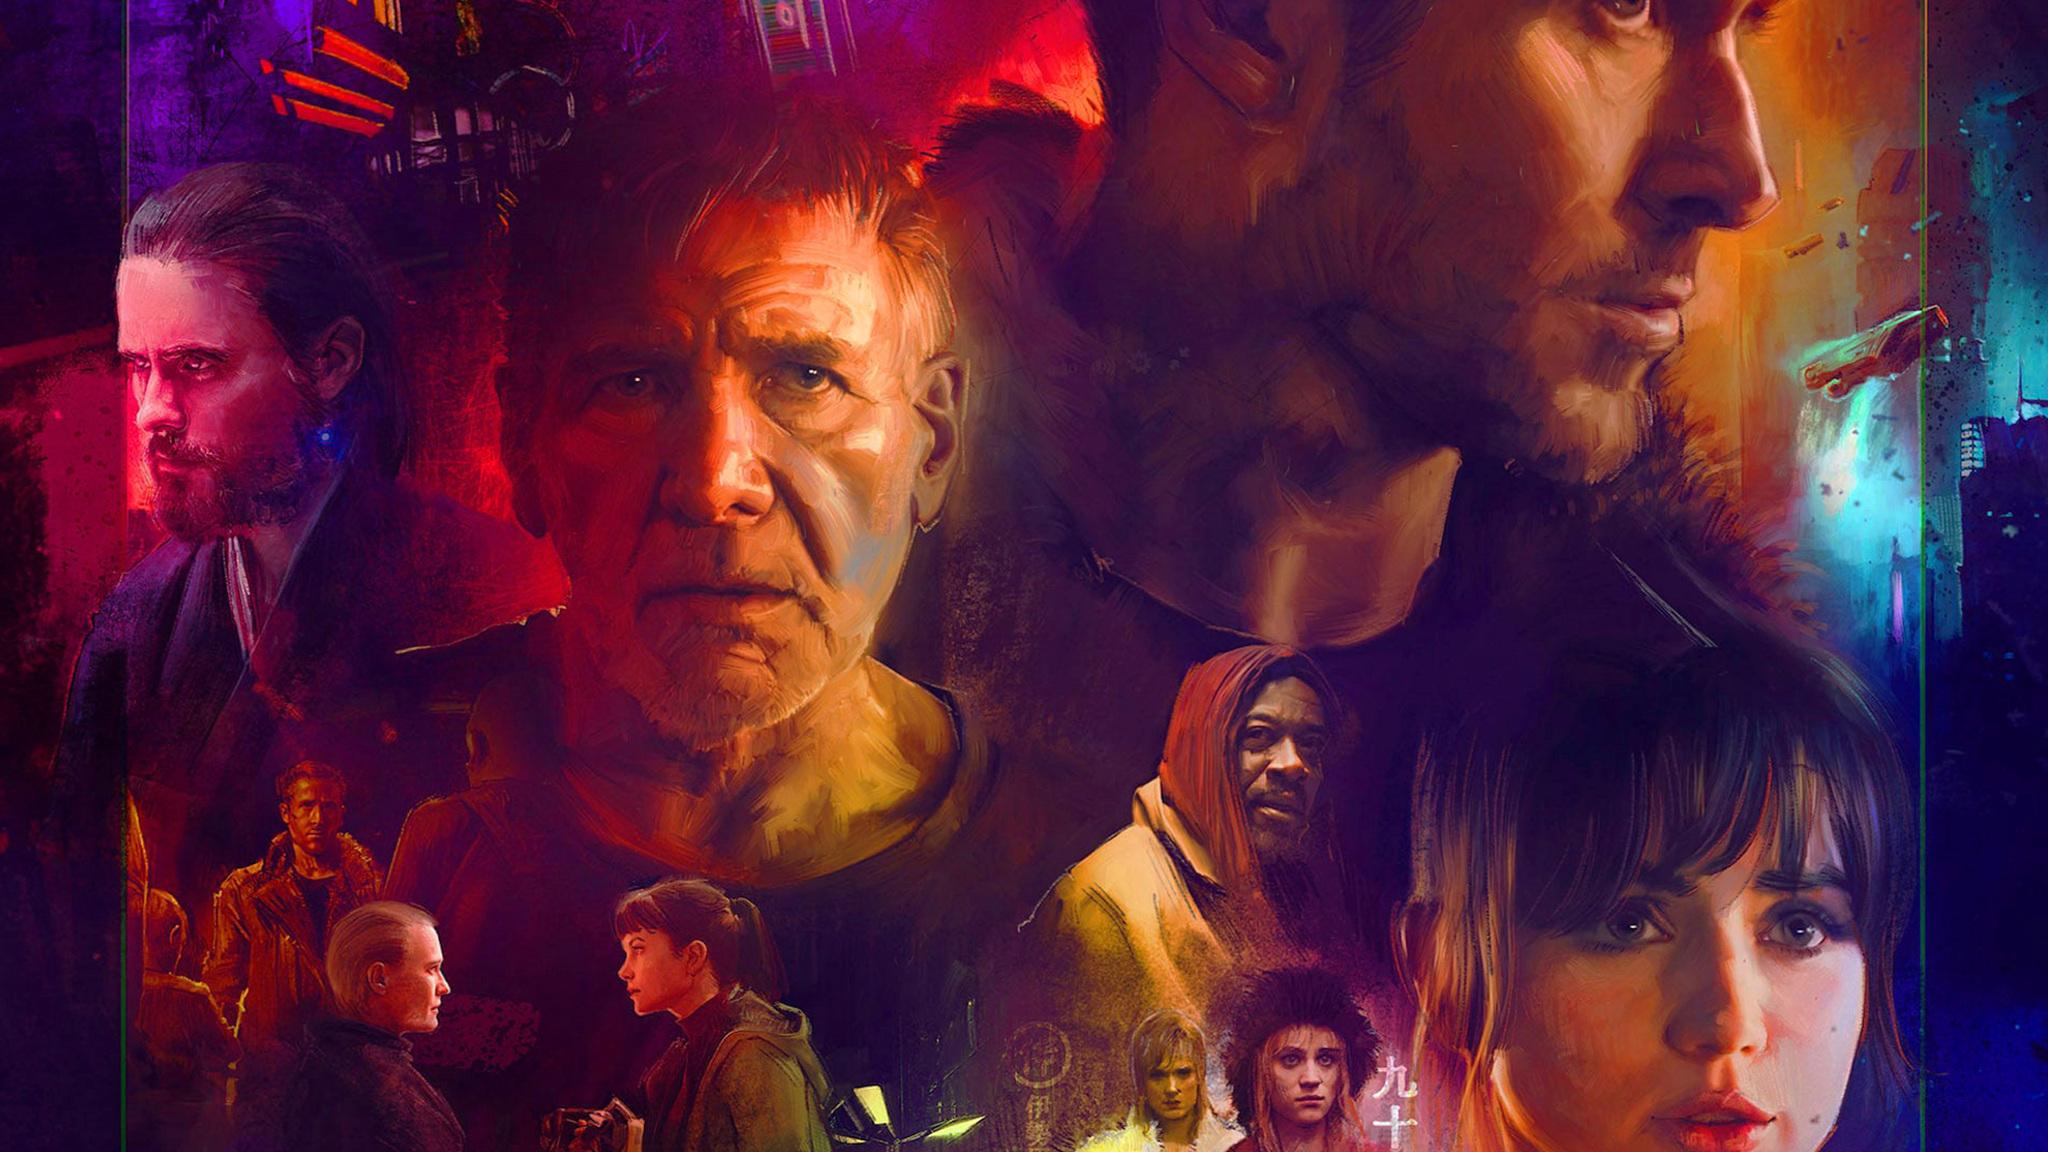 2048x1152 Blade Runner 2049 Fanart 2048x1152 Resolution HD ...